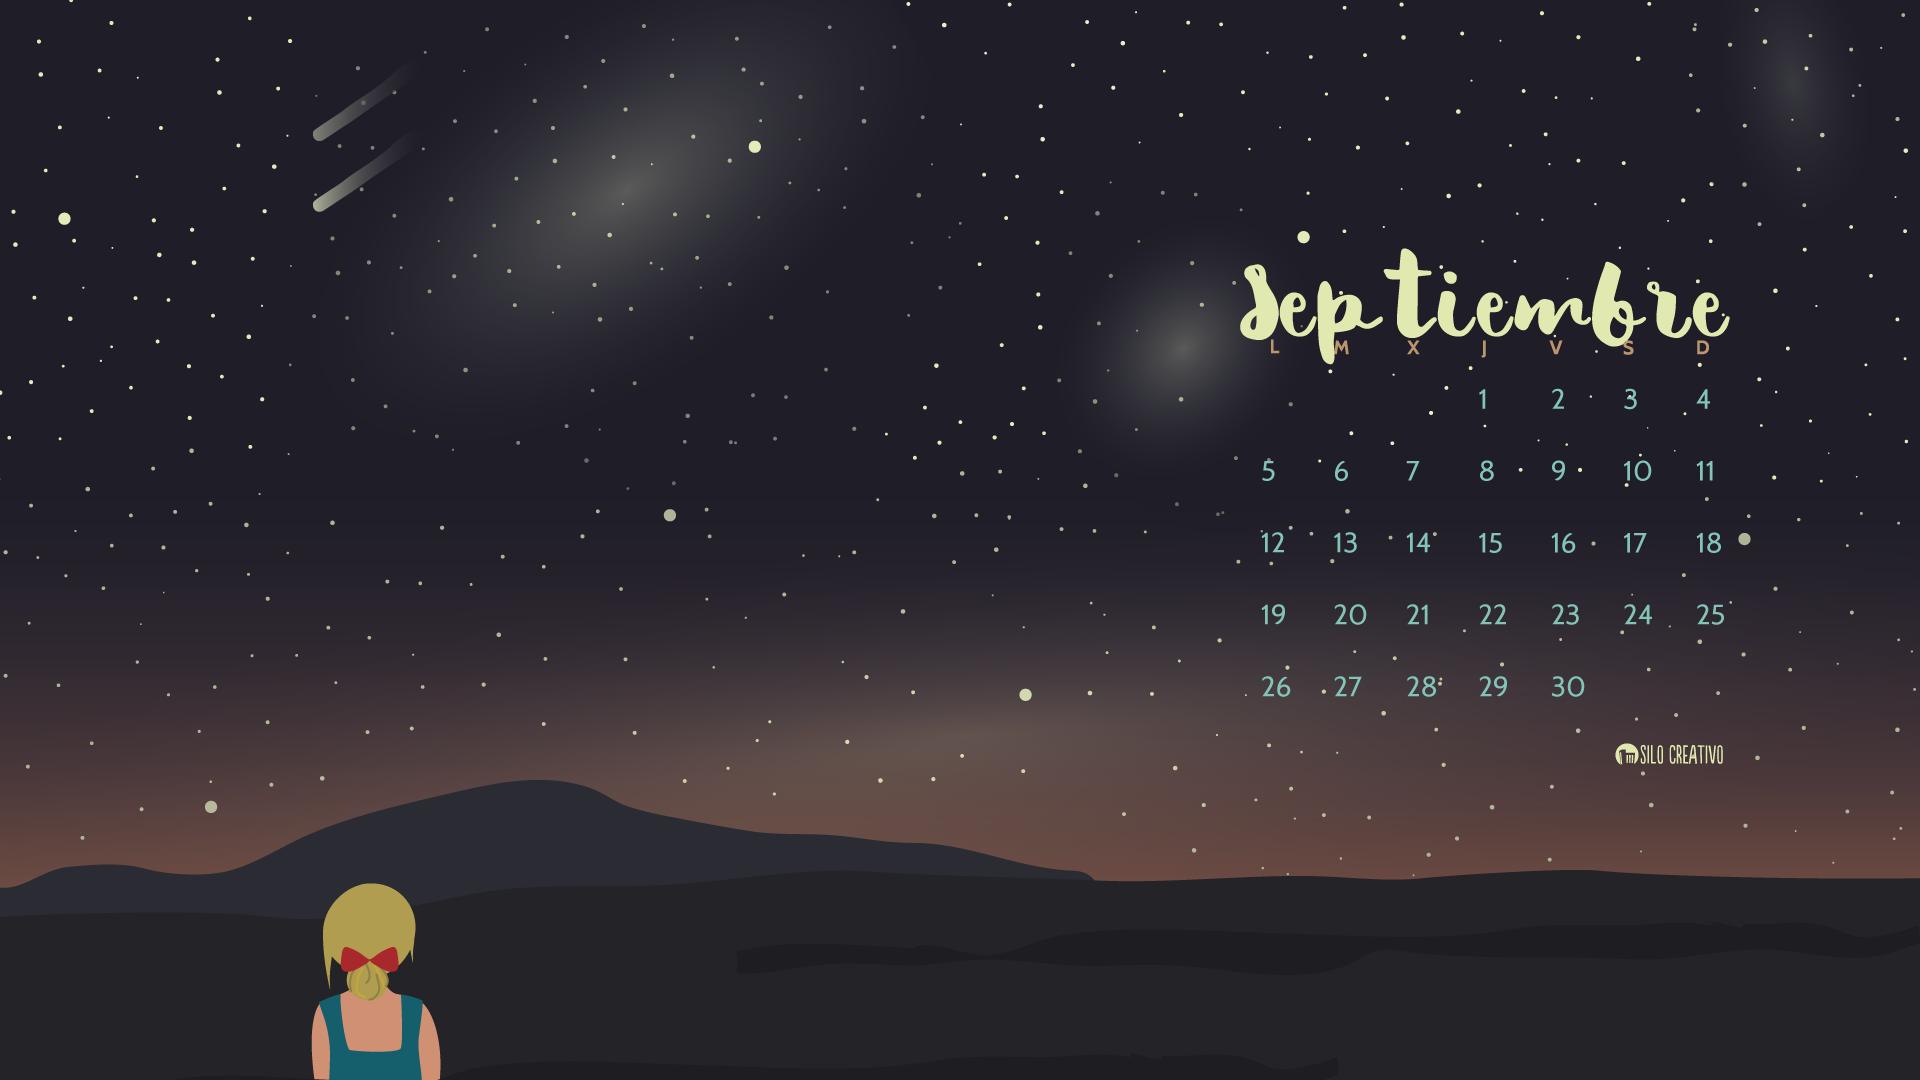 Calendario descargable septiembre 2016 silo creativo for Fondo de pantalla calendario 2018